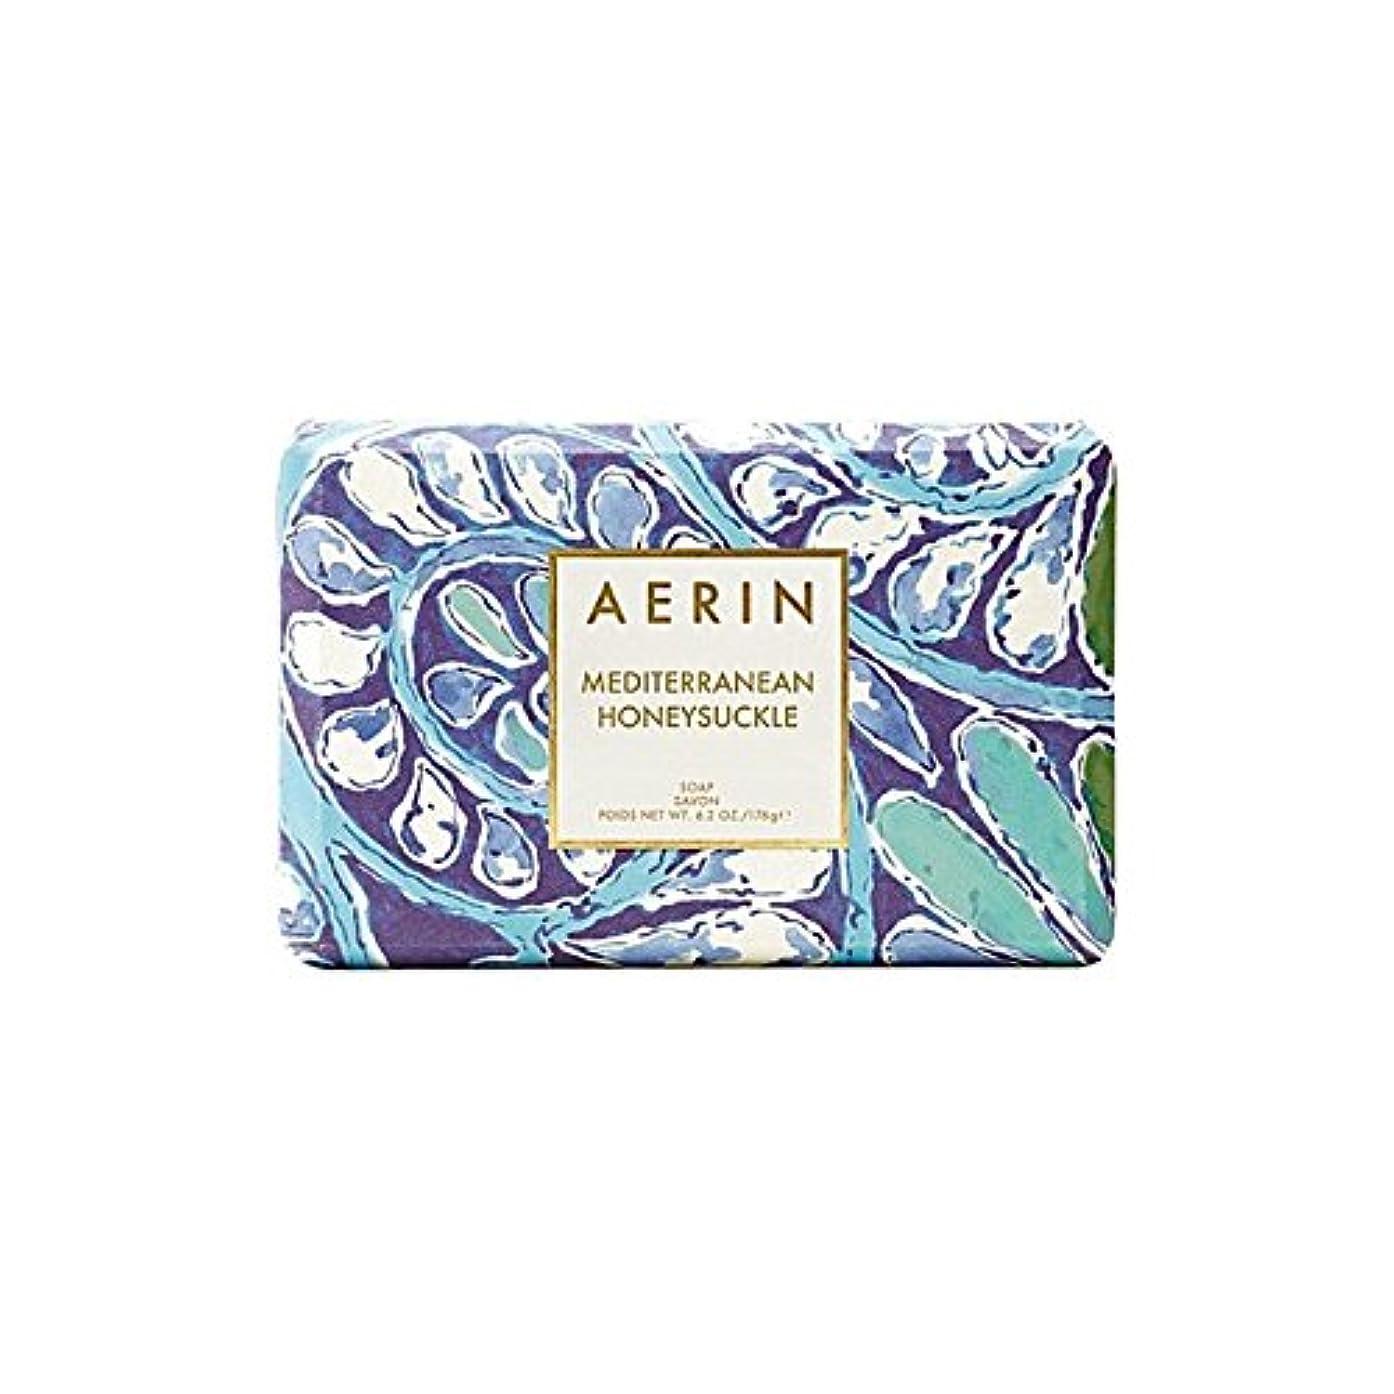 頼む申請者馬鹿スイカズラ固形石鹸176グラム x2 - Aerin Mediterrenean Honeysuckle Bar Soap 176G (Pack of 2) [並行輸入品]